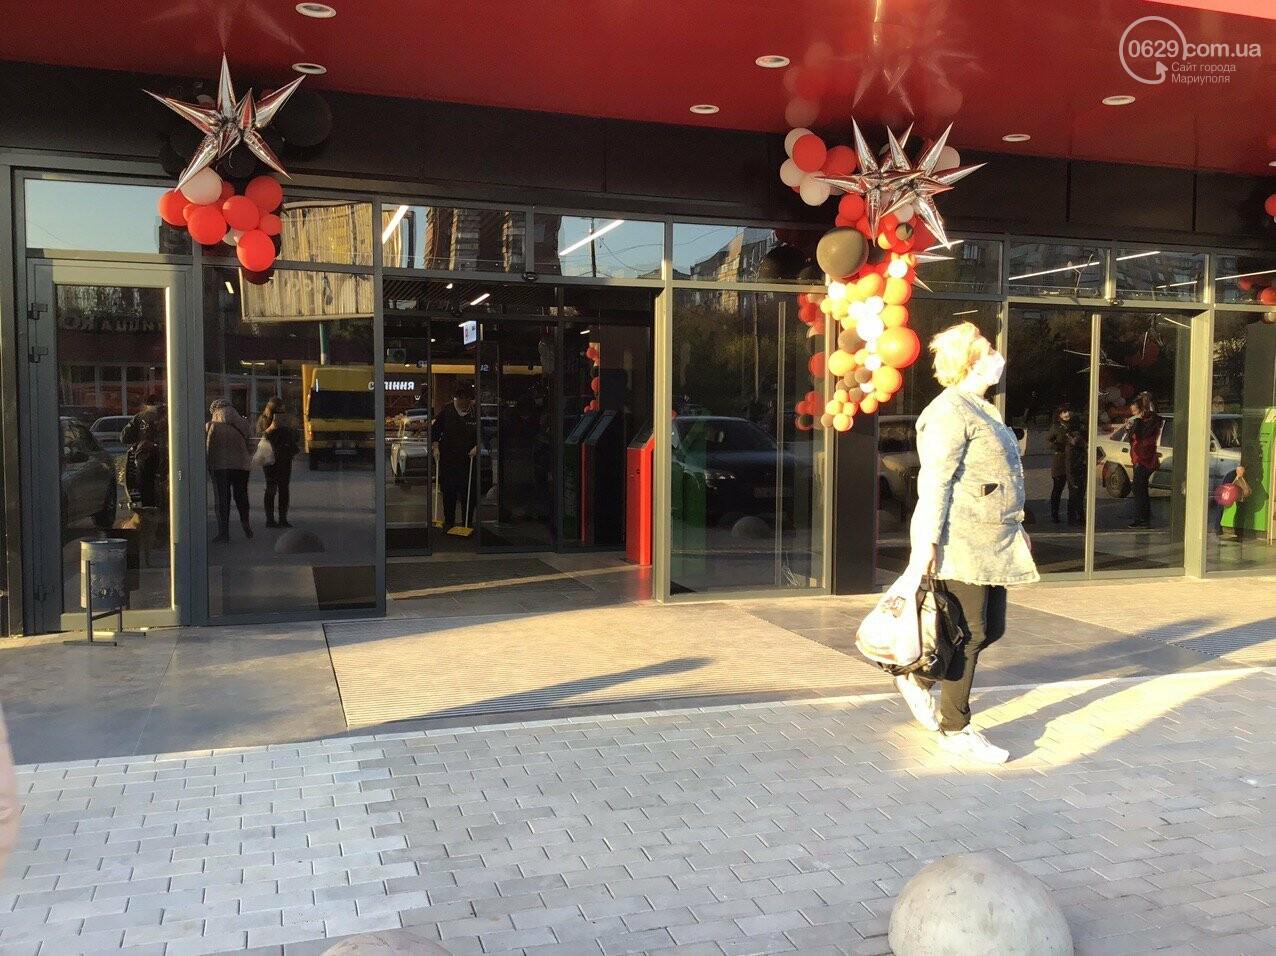 Скандальный супермаркет в Мариуполе возобновил свою работу после отъезда полиции, - ФОТО, фото-2